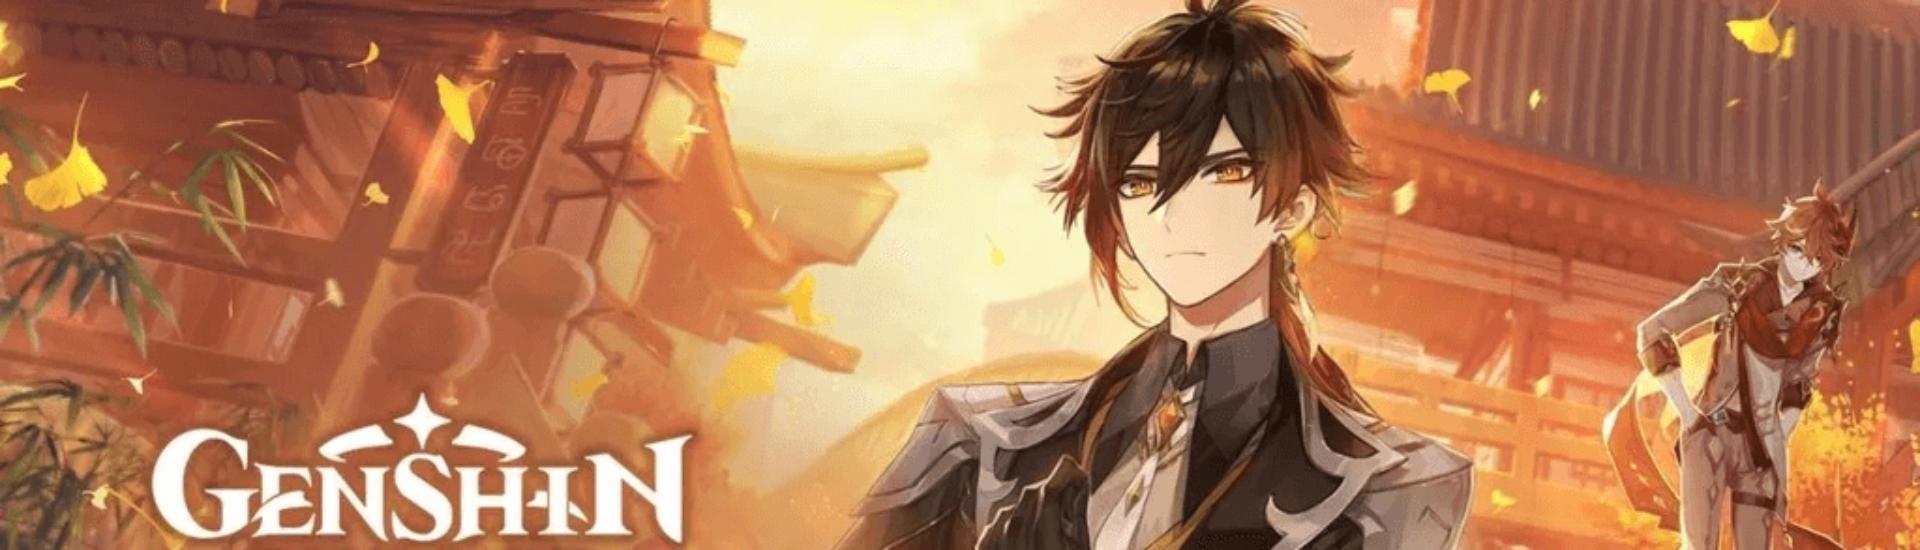 Genshin Impact: Neues Banner bringt zwei weitere Charaktere und mehr F2P-Content